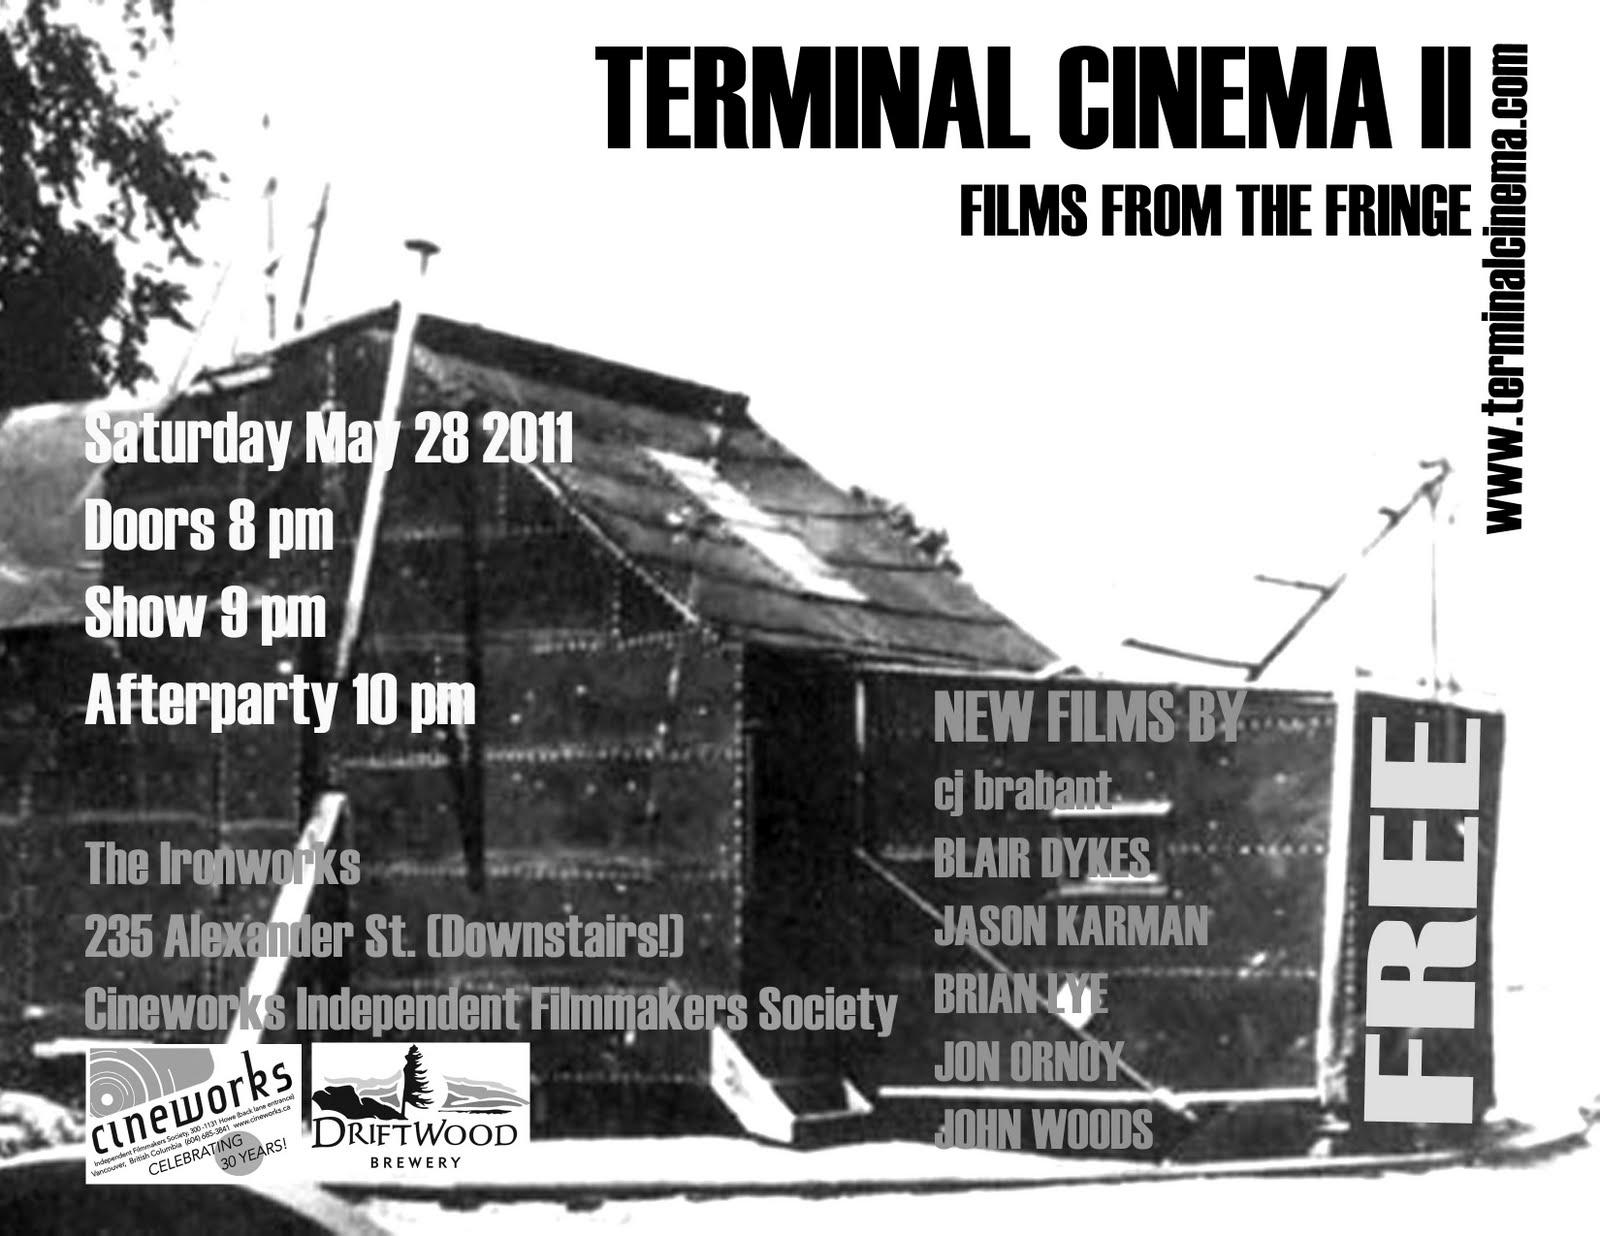 http://2.bp.blogspot.com/-zoWwZf1Usmc/TdBtw2HggGI/AAAAAAAAABA/gm-xd_LYX_c/s1600/Terminal+Cinema+II+Poster+2.jpg